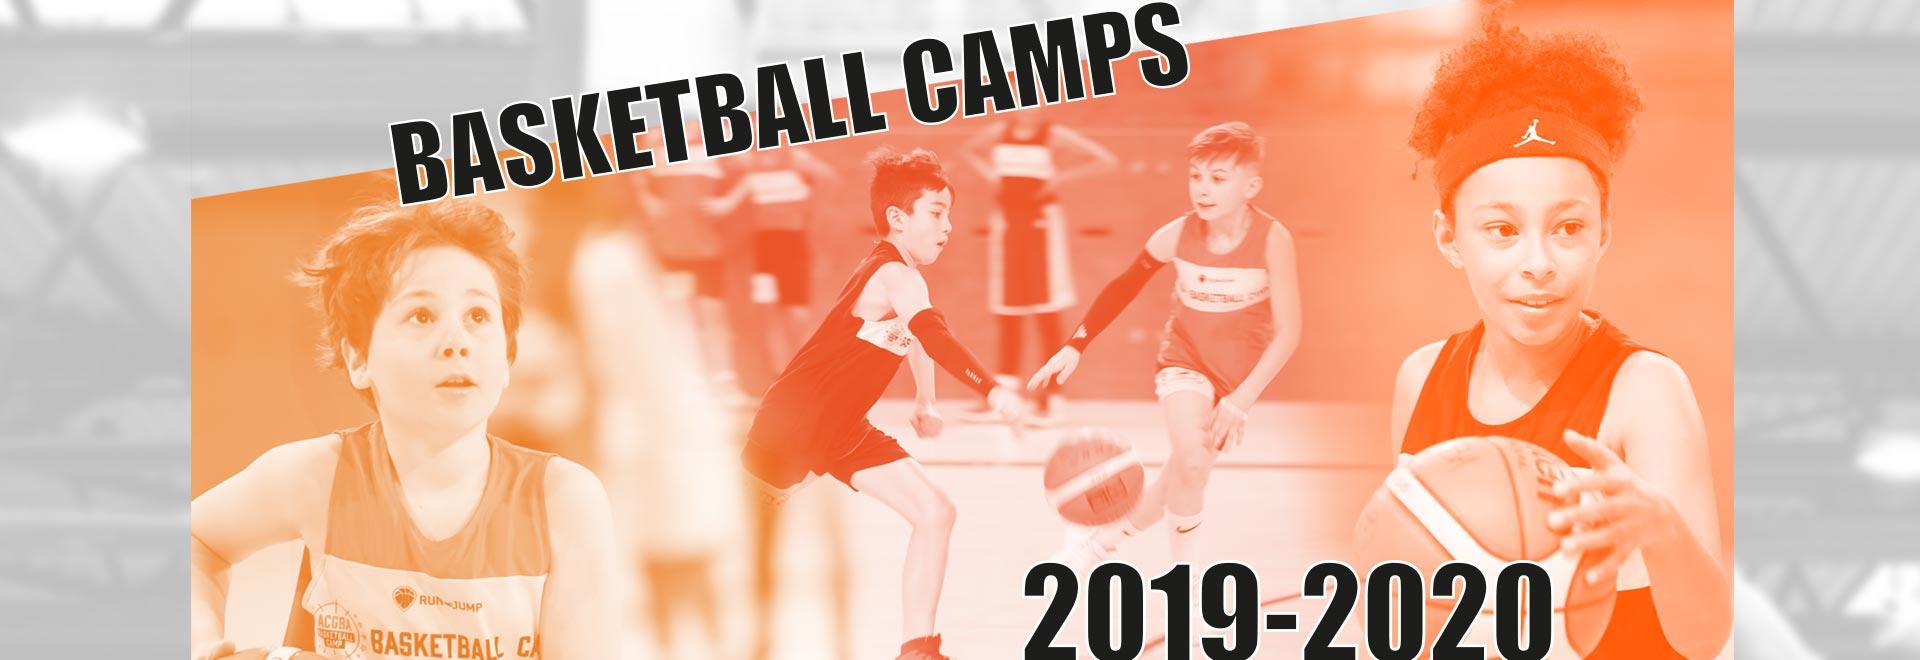 Camps de basketball Genève 2019-2020 ACGBA